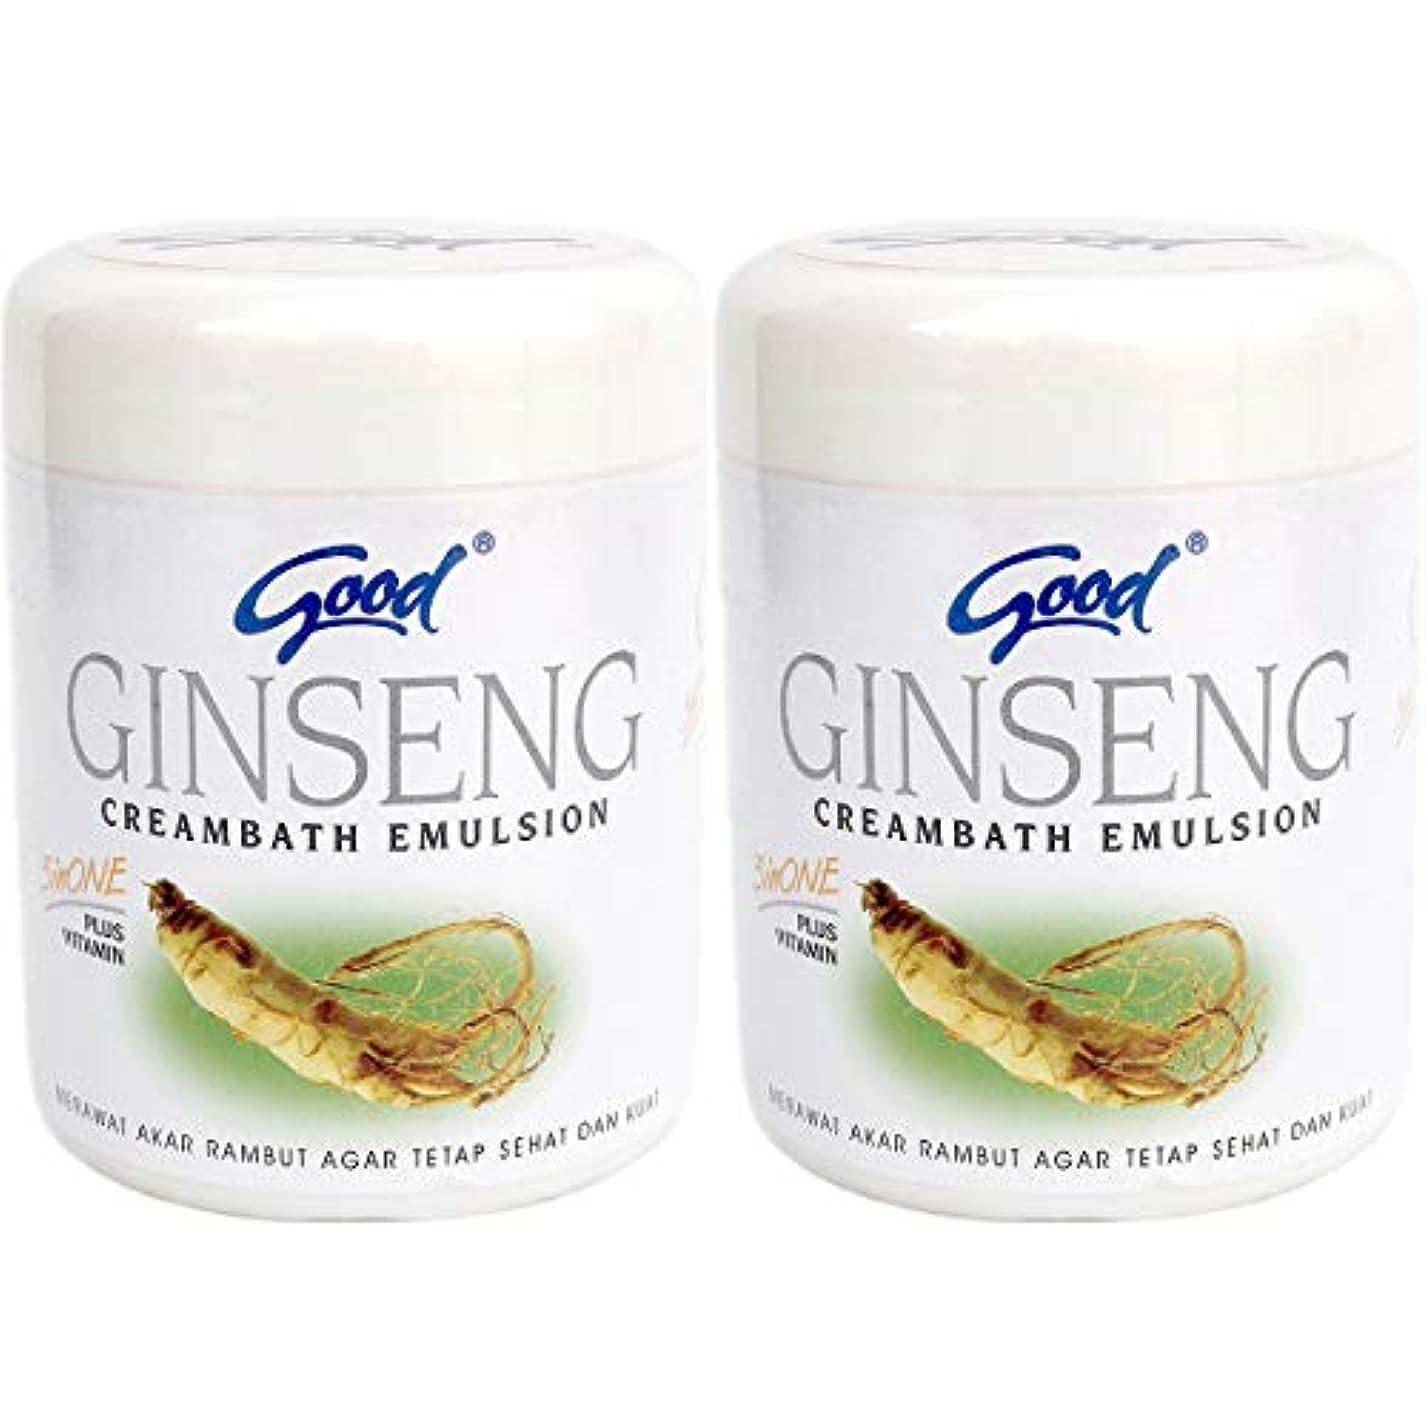 助けてコウモリカフェテリアgood グッド インドネシアバリ島の伝統的なヘッドスパクリーム Creambath Emulsion クリームバス エマルション 680g × 2個 Ginseng ジンセン [海外直送品]